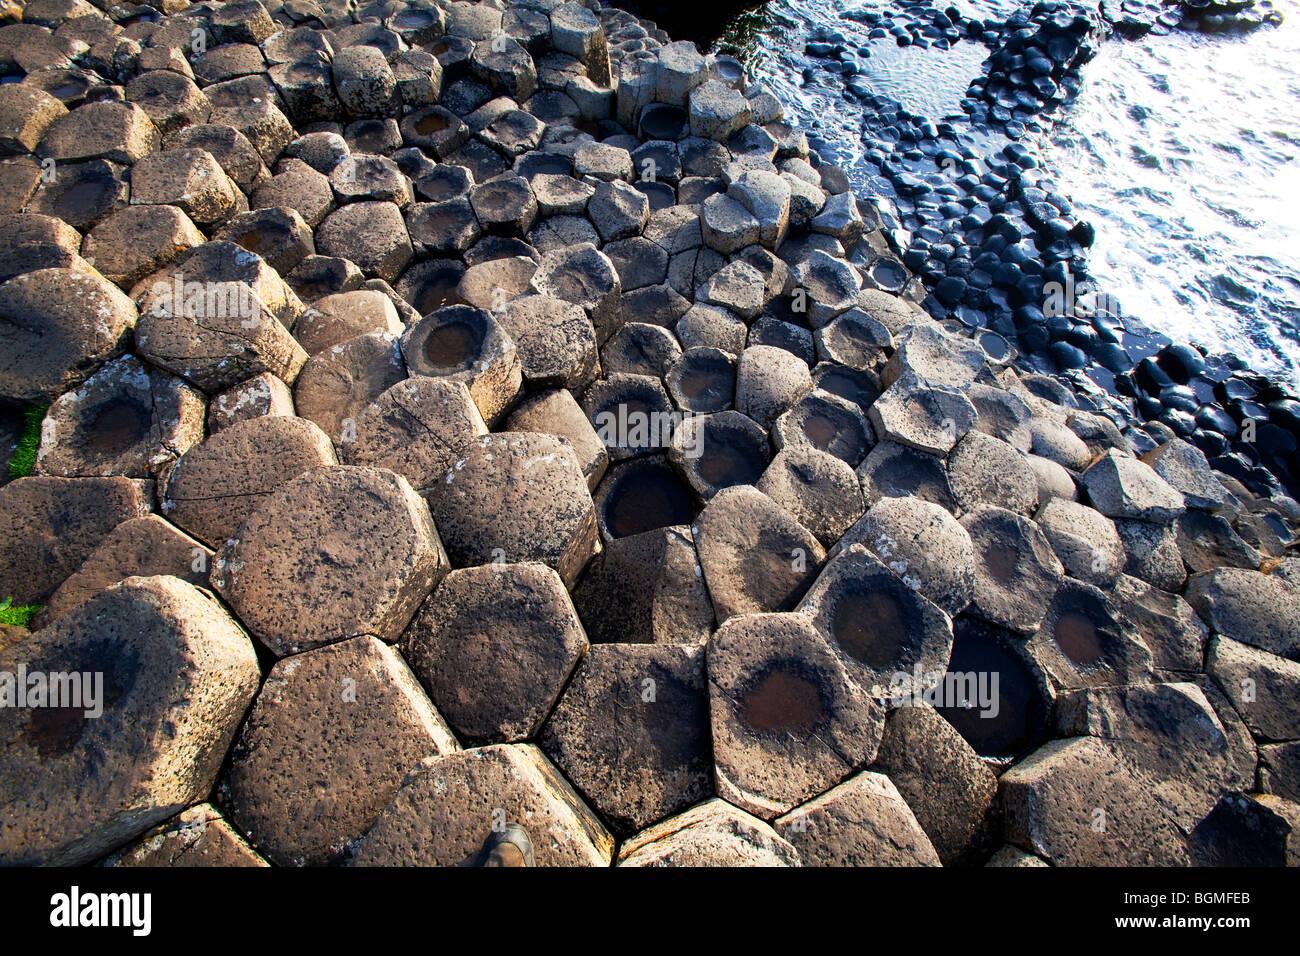 Schritte der vulkanischen rock bei dem Giant es Causeway Antrim-Nordirland ein Naturphänomen und zum Weltkulturerbe. Stockbild